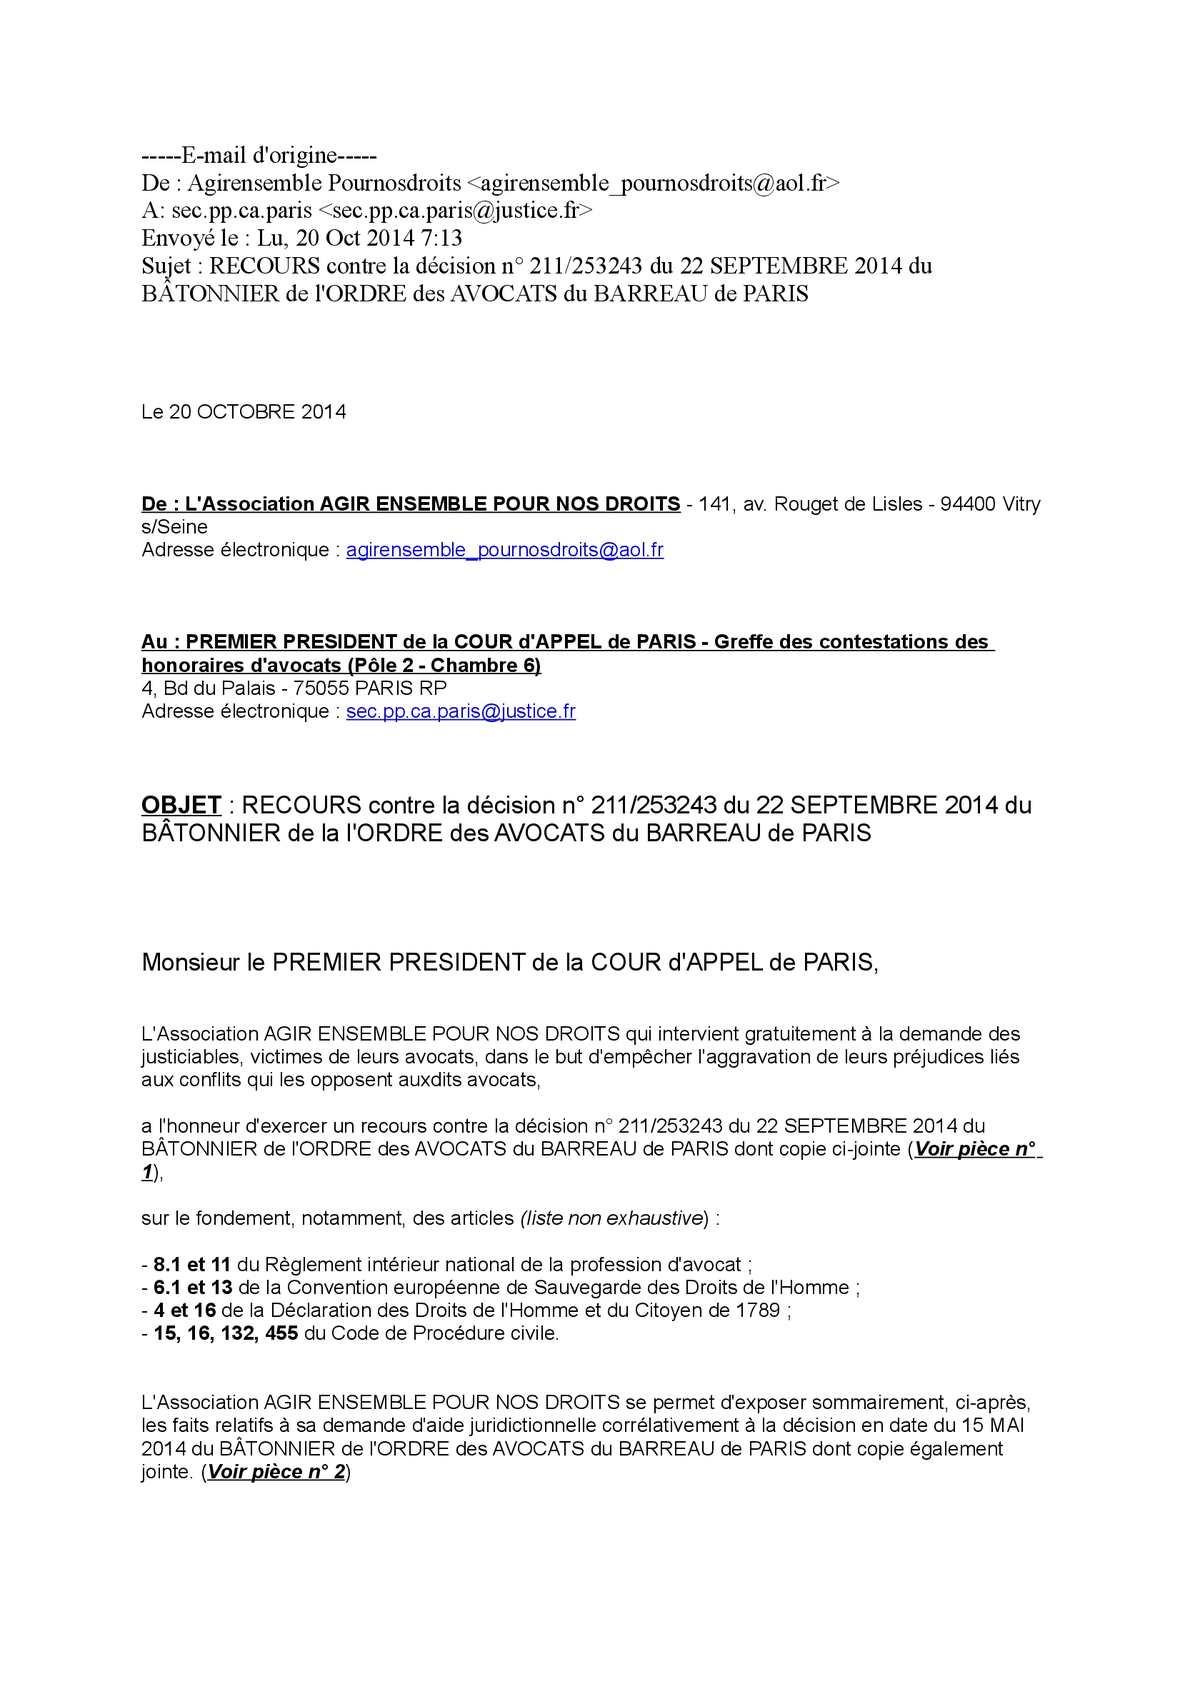 Calaméo RECOURS contre la décision n° 211 du 22 SEPTEMBRE